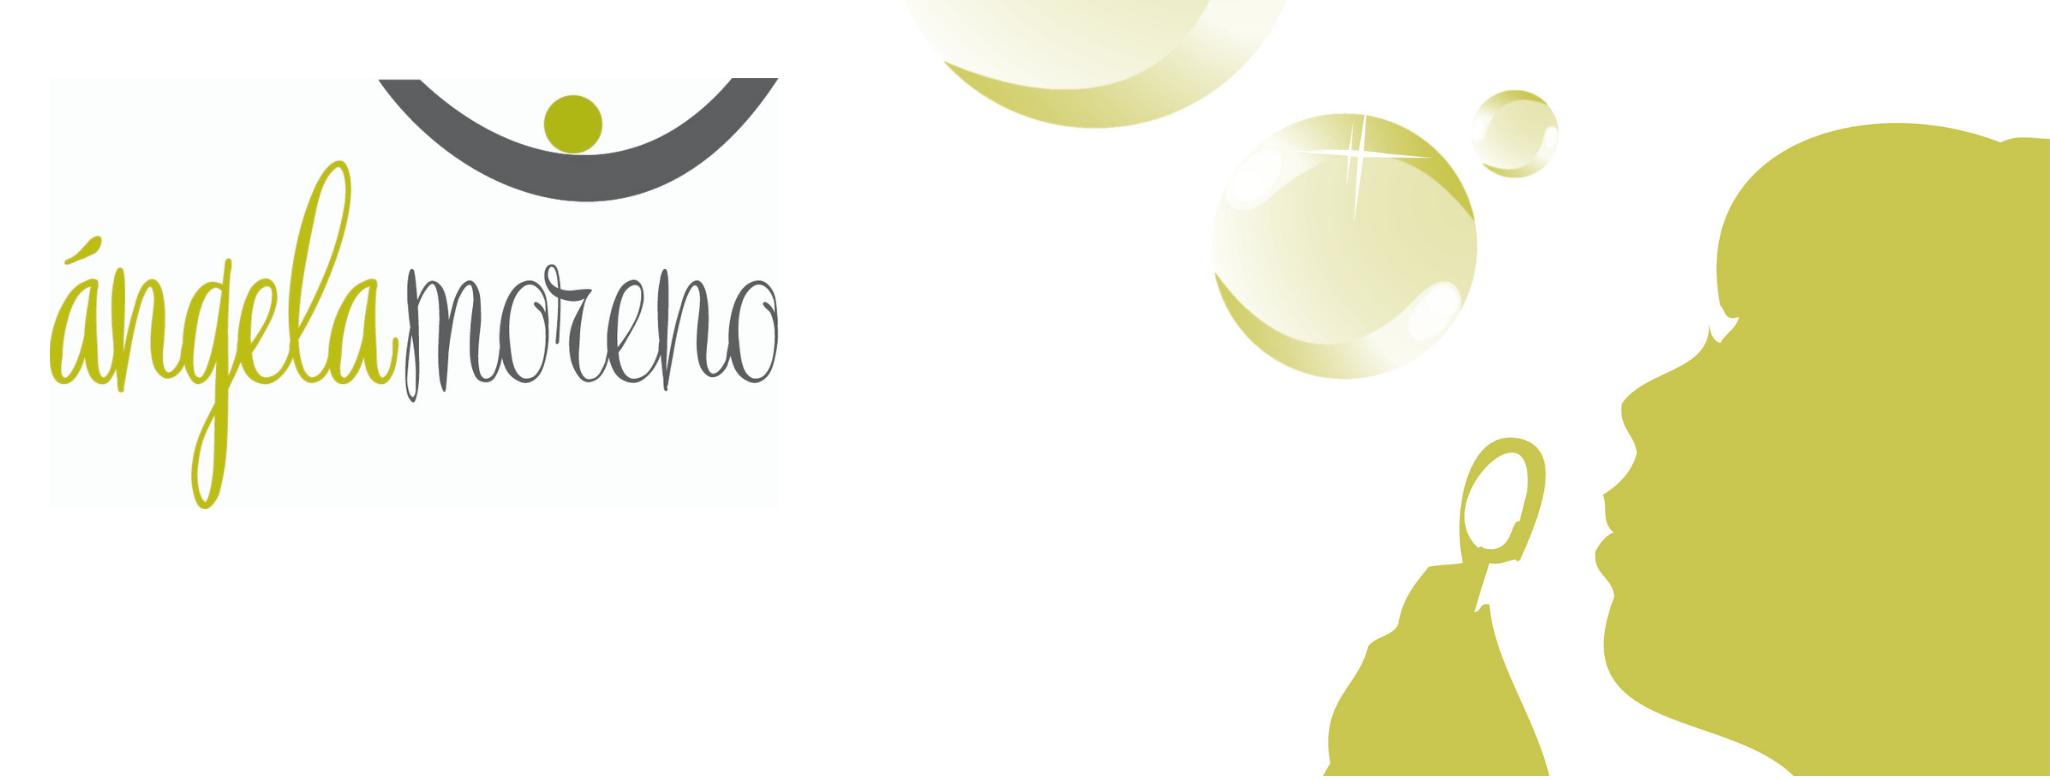 Ángela Moreno | Mindfulness, Inteligencia emocional y Crecimiento personal